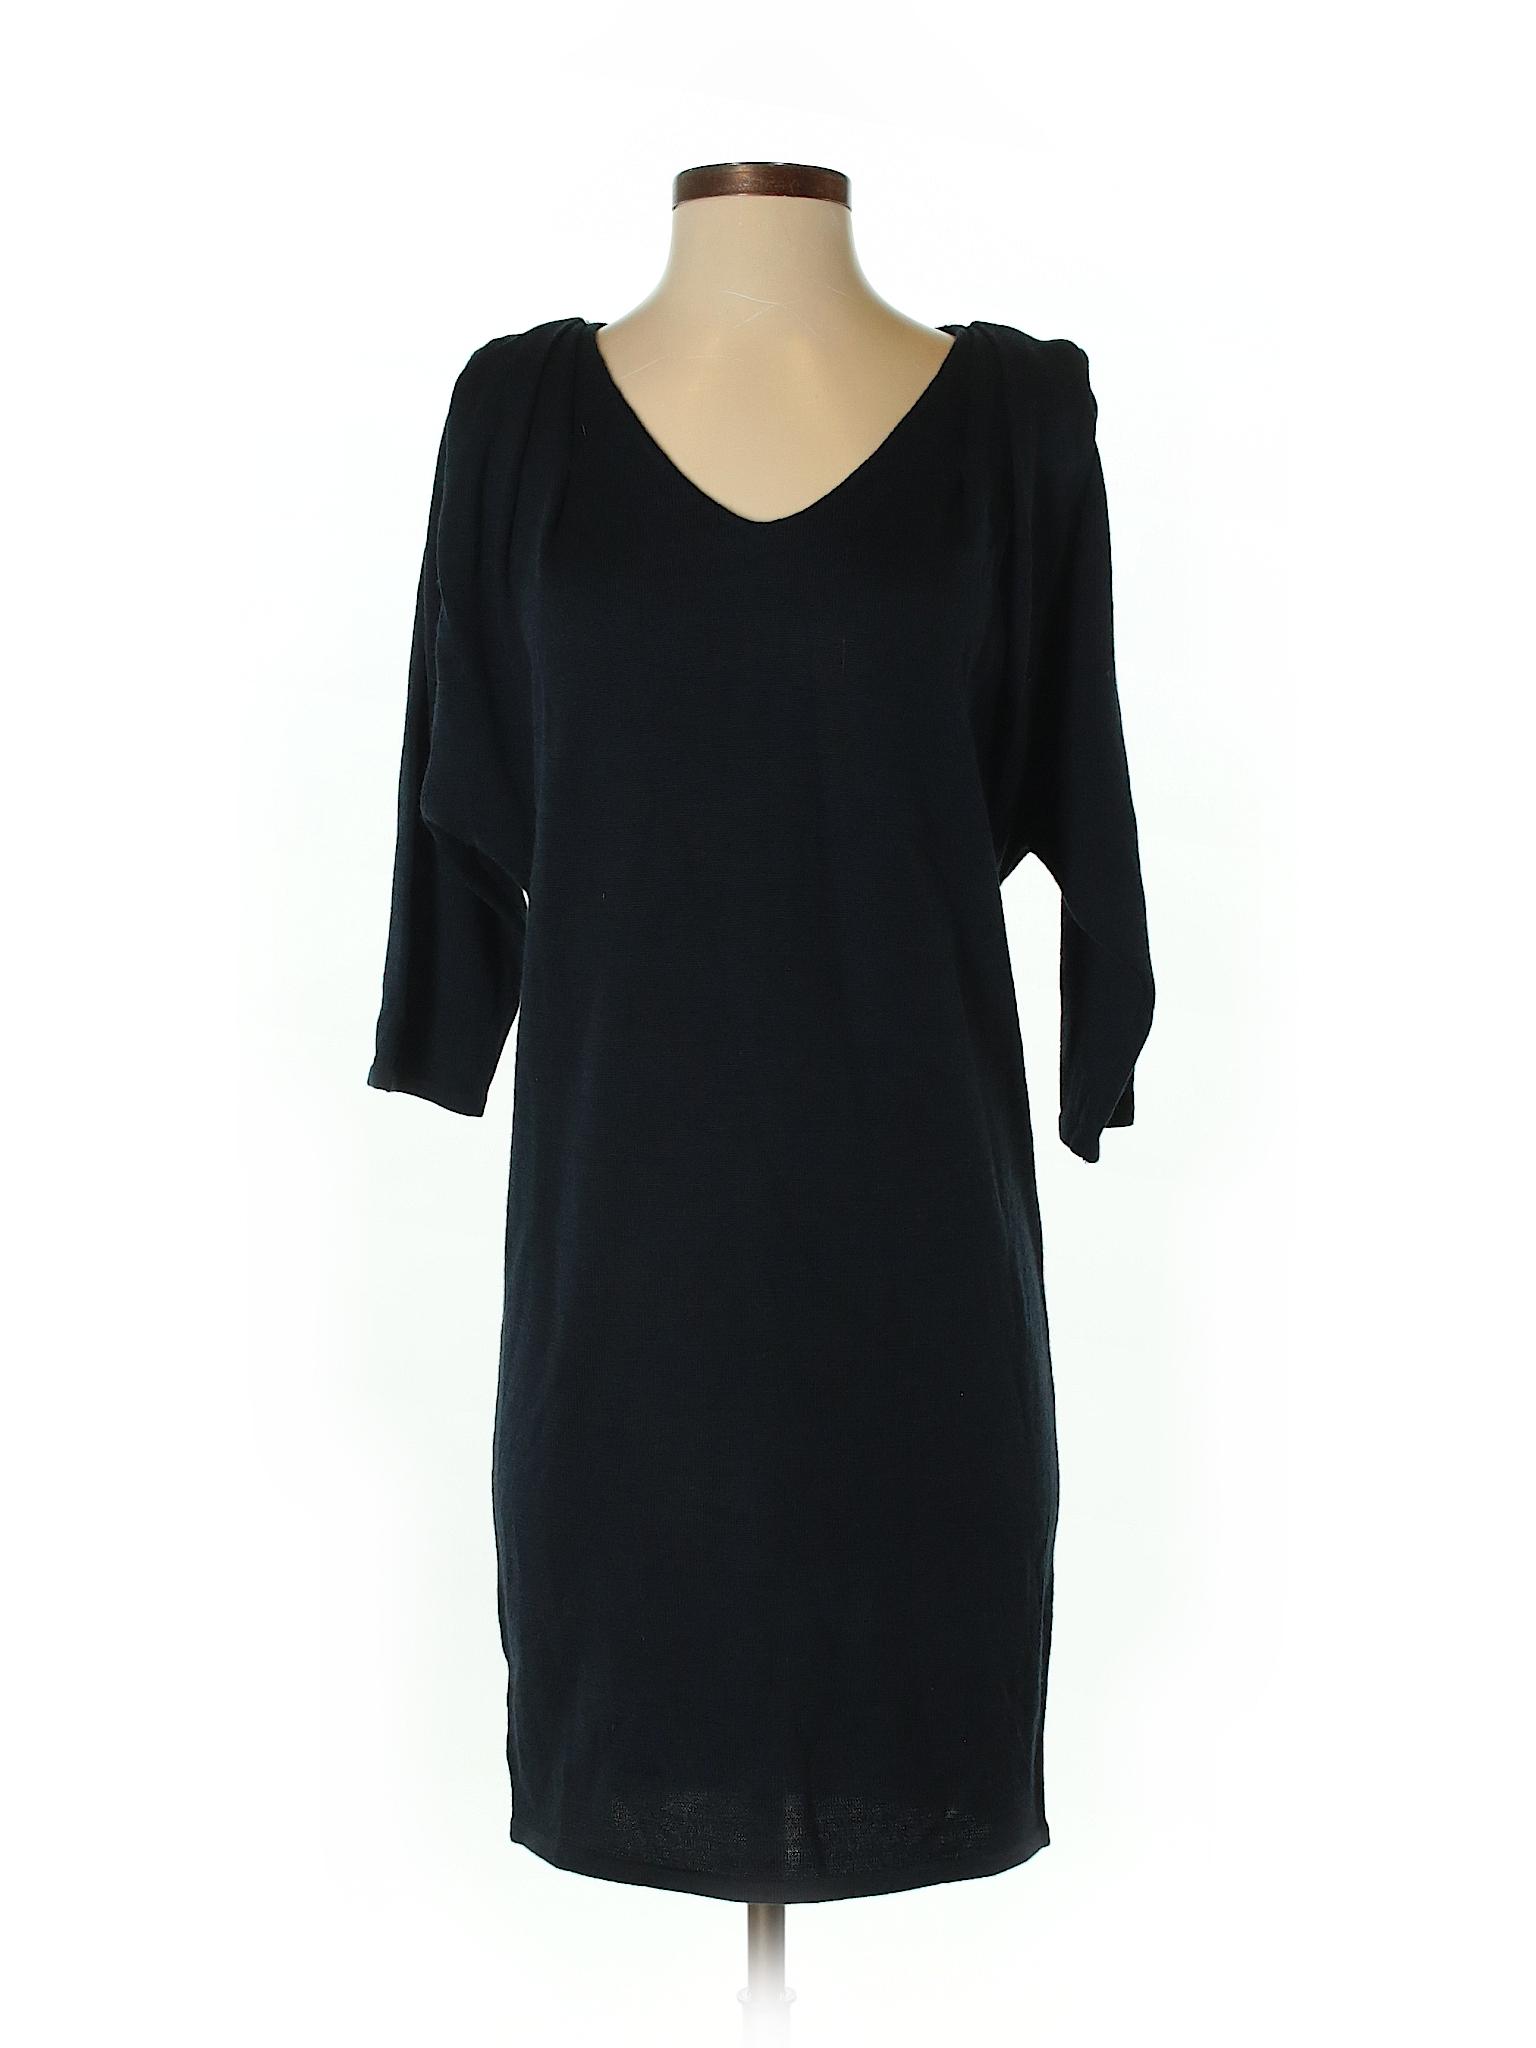 Boutique Ann Casual Taylor winter LOFT Dress qqpzrCx